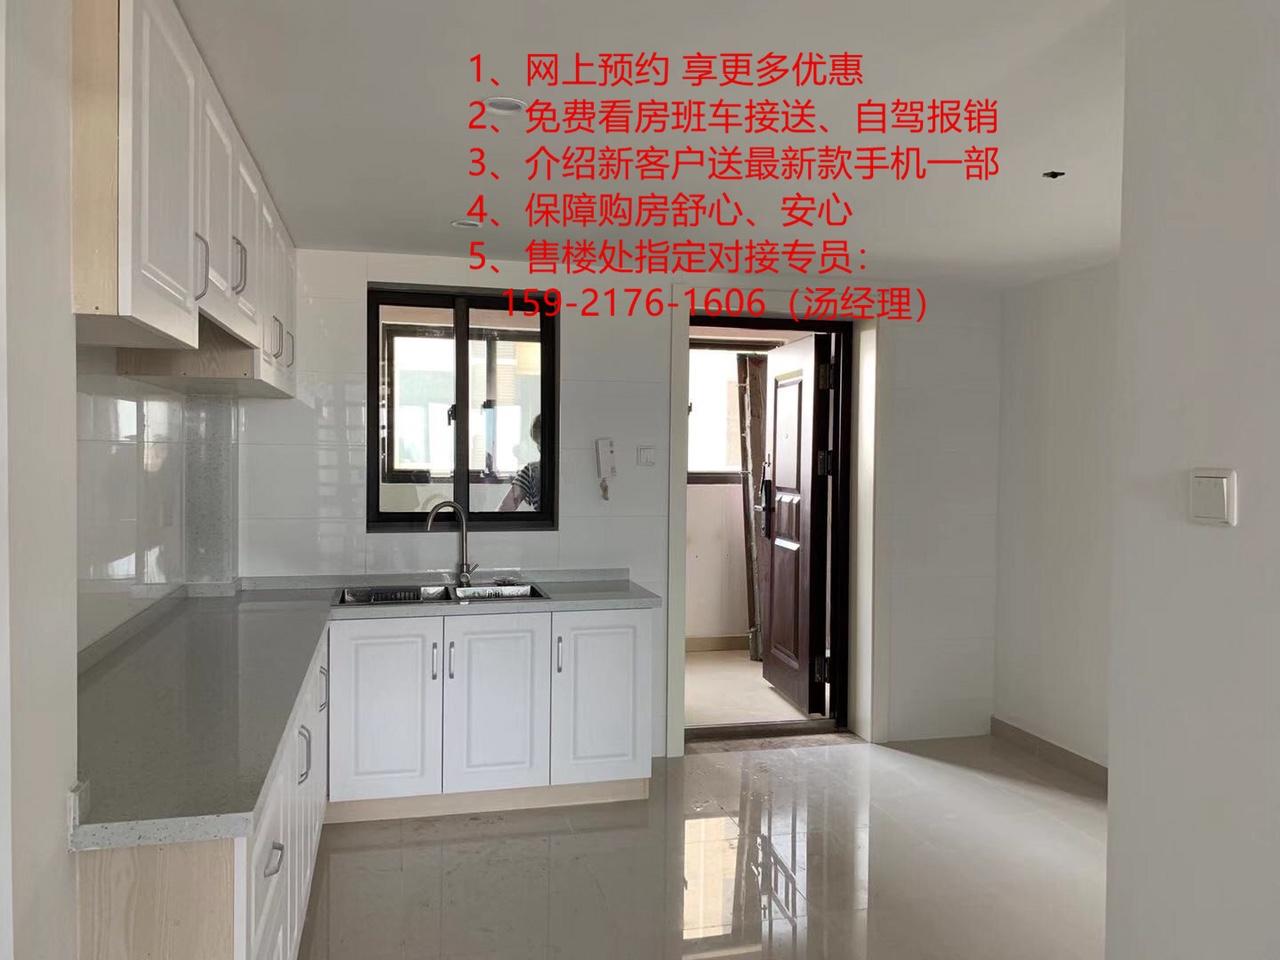 奉贤平安四季精装公寓!复式南北通透!大临港唯一在售